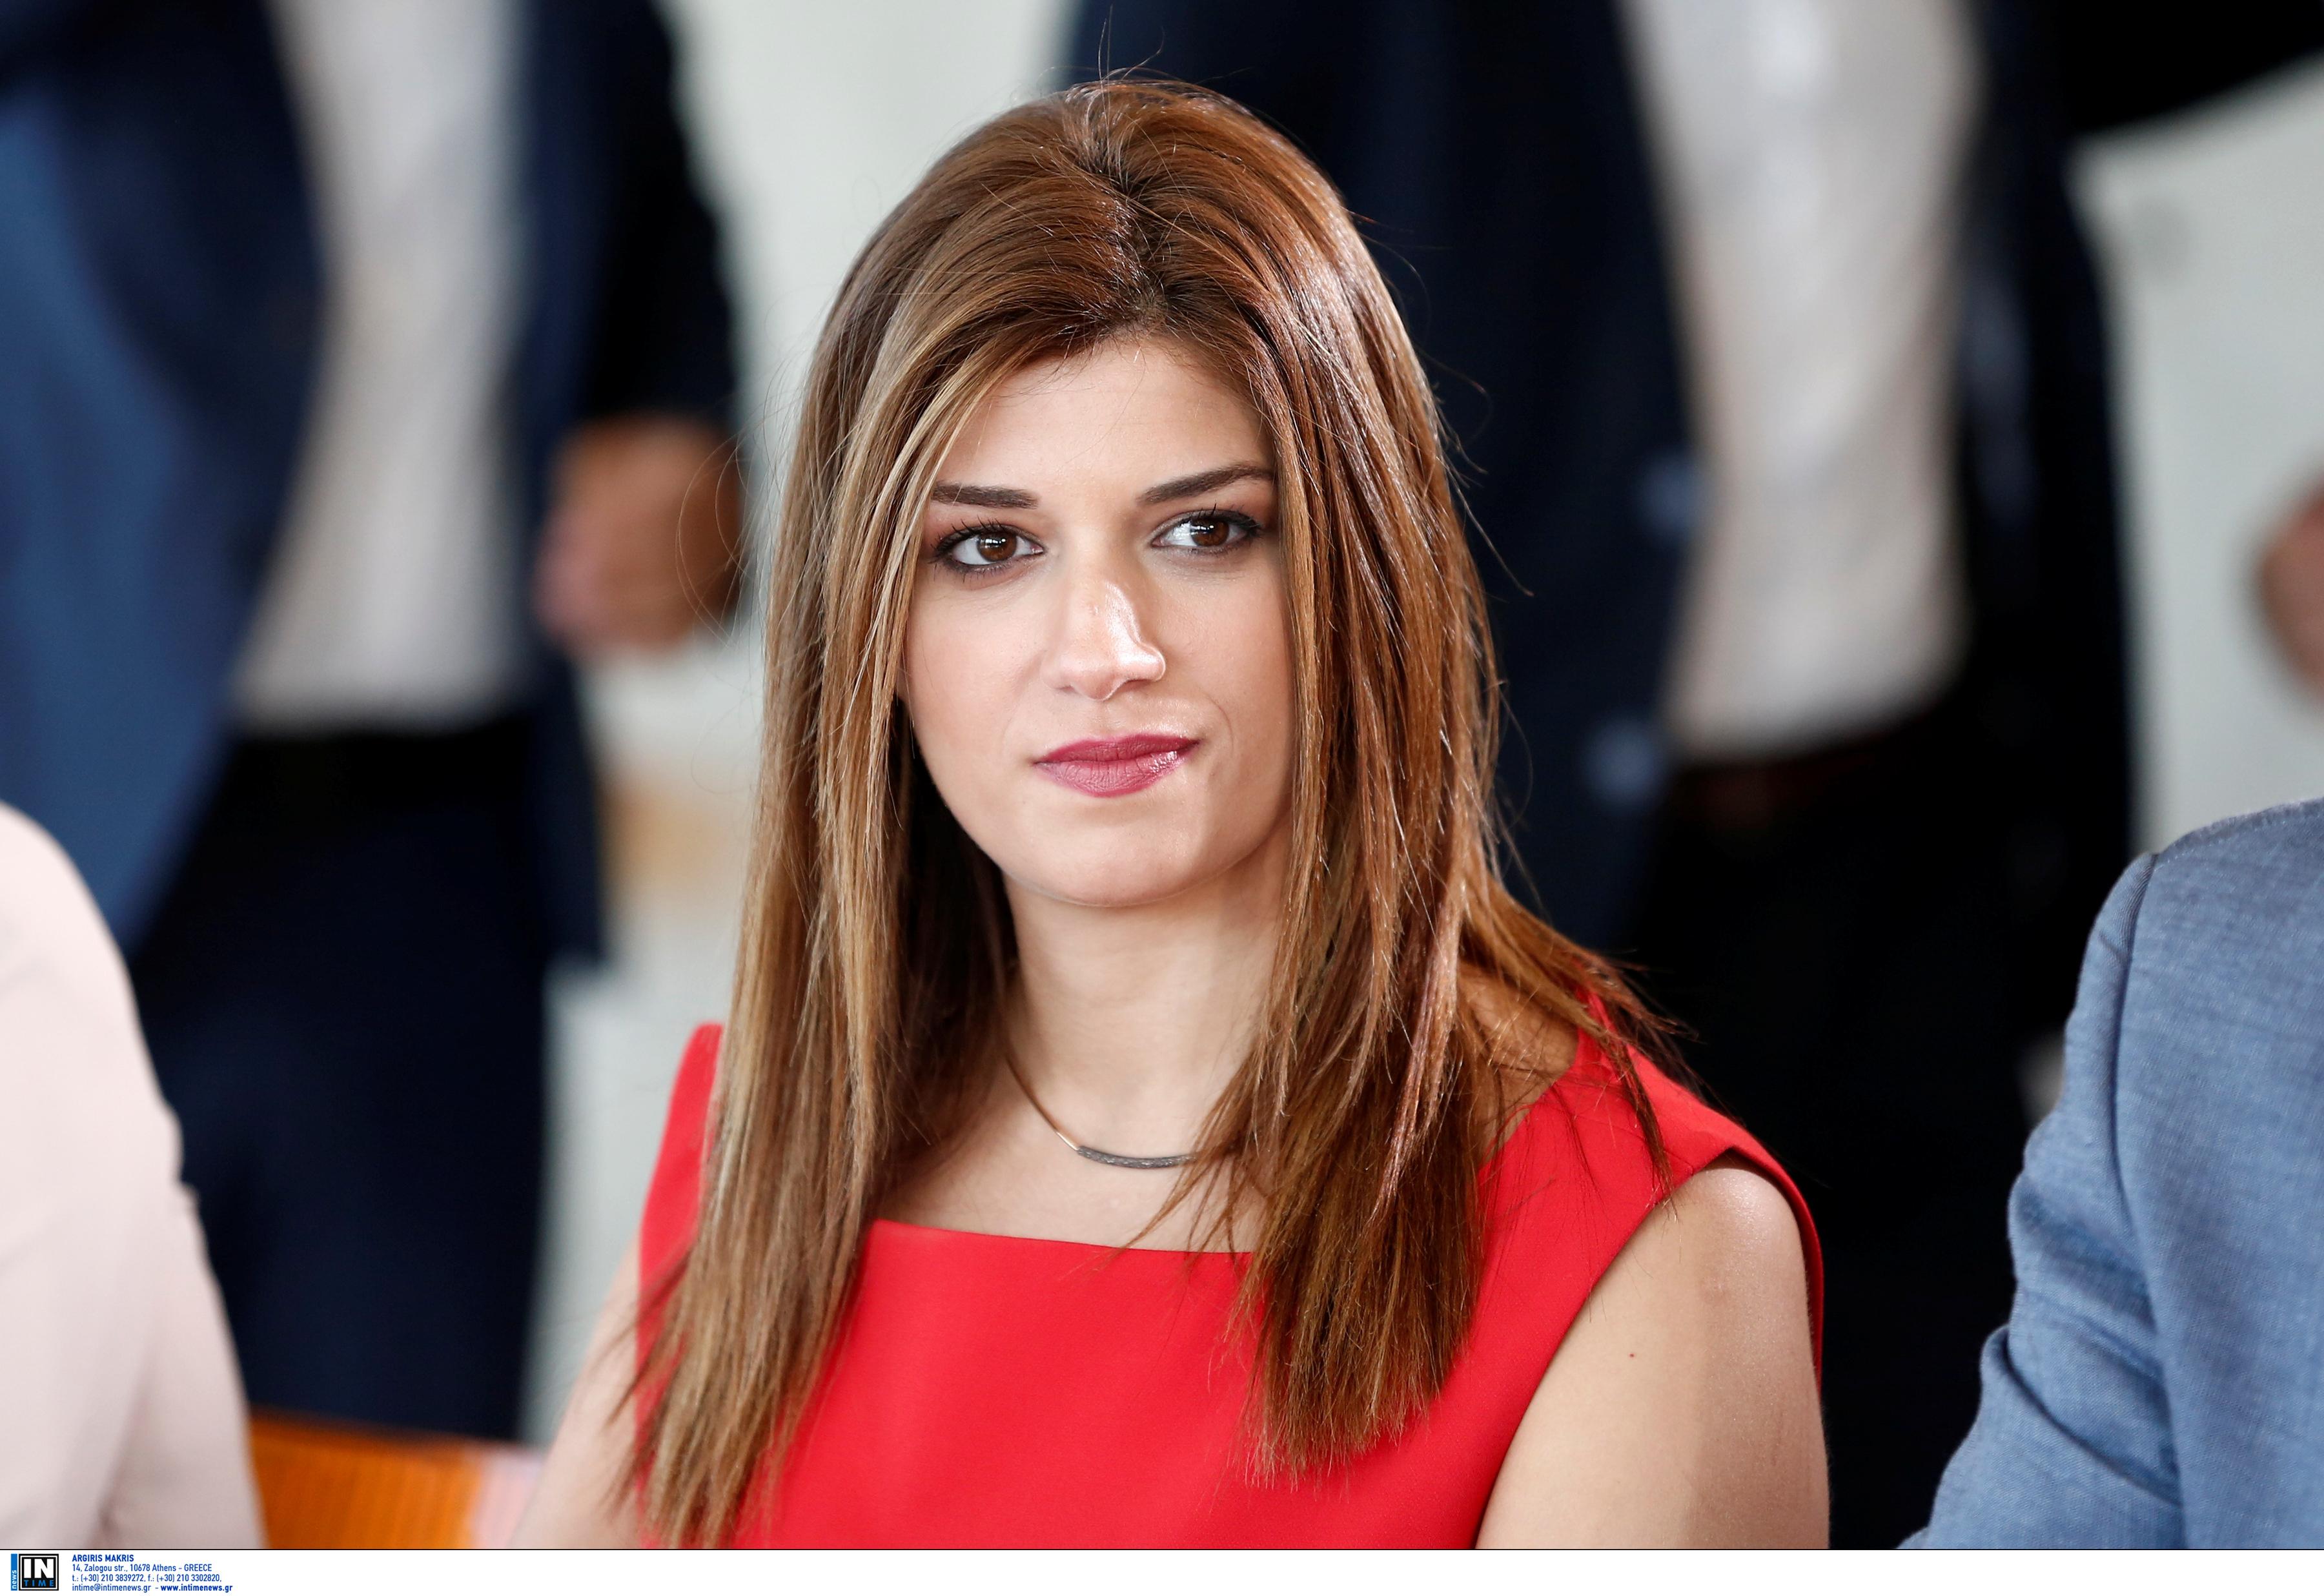 Θεσσαλονίκη: Το κόκκινο φόρεμα της Νοτοπούλου δεν έμεινε ασχολίαστο από τον Τσίπρα – Το αστείο του για το μετρό – video